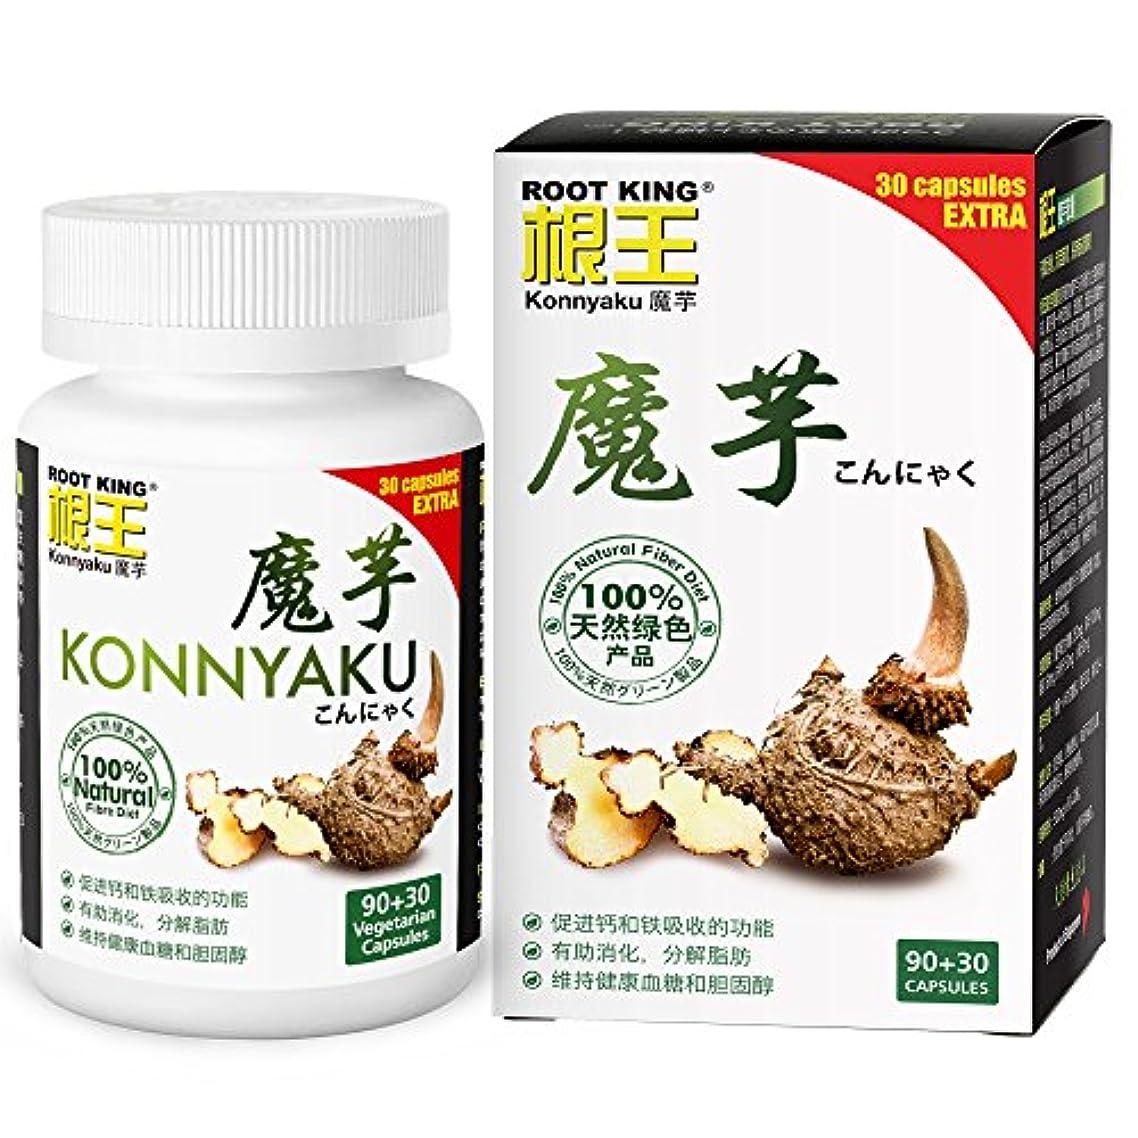 島癌広がりROOT KING Konnyaku (120 Vegecaps) - control appetitide, feel fuller, contains Konjac glucomannan